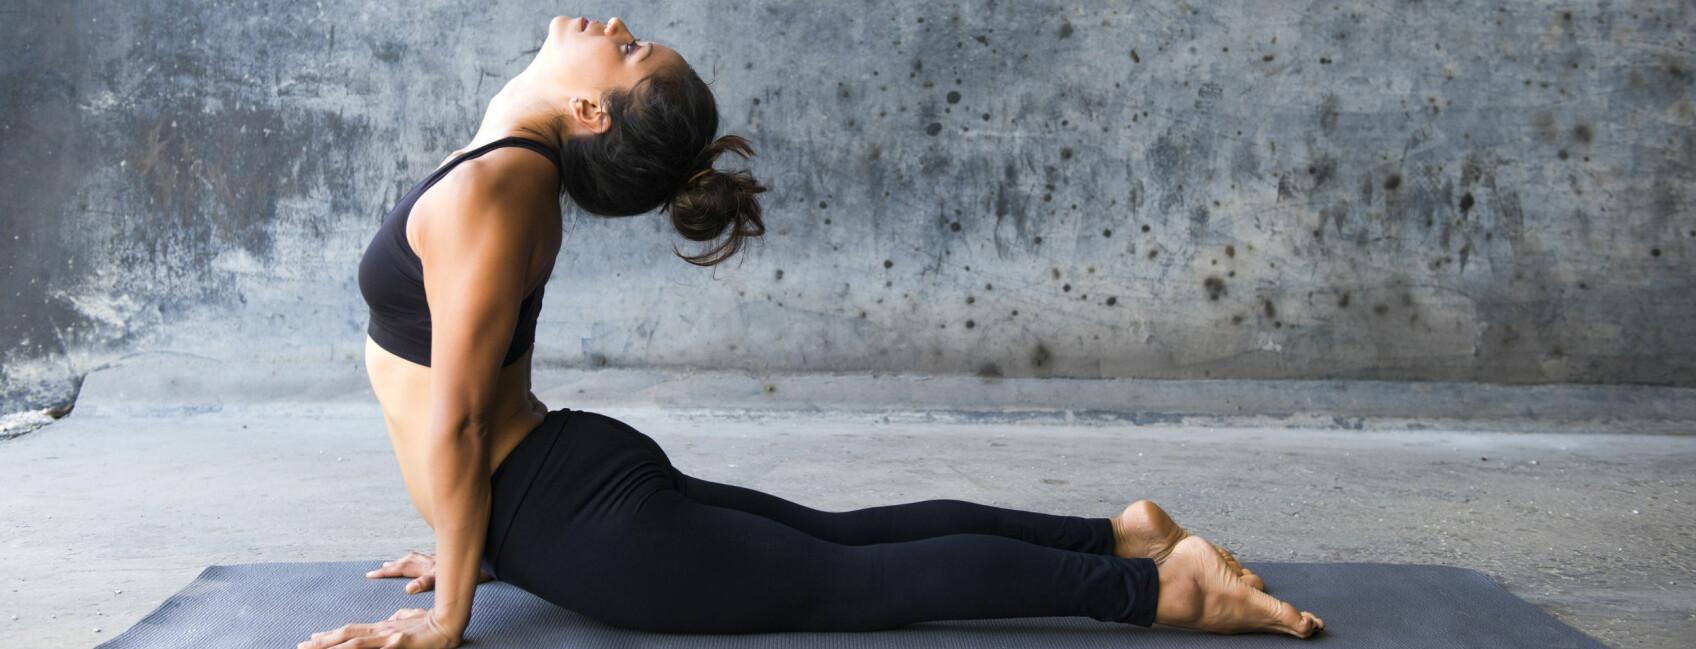 KAN HJELPE: All ære til varmeputer, sjokolade og smertestillende – men visste du at også yoga kan hjelpe mot menssmerter? FOTO: Scanpix